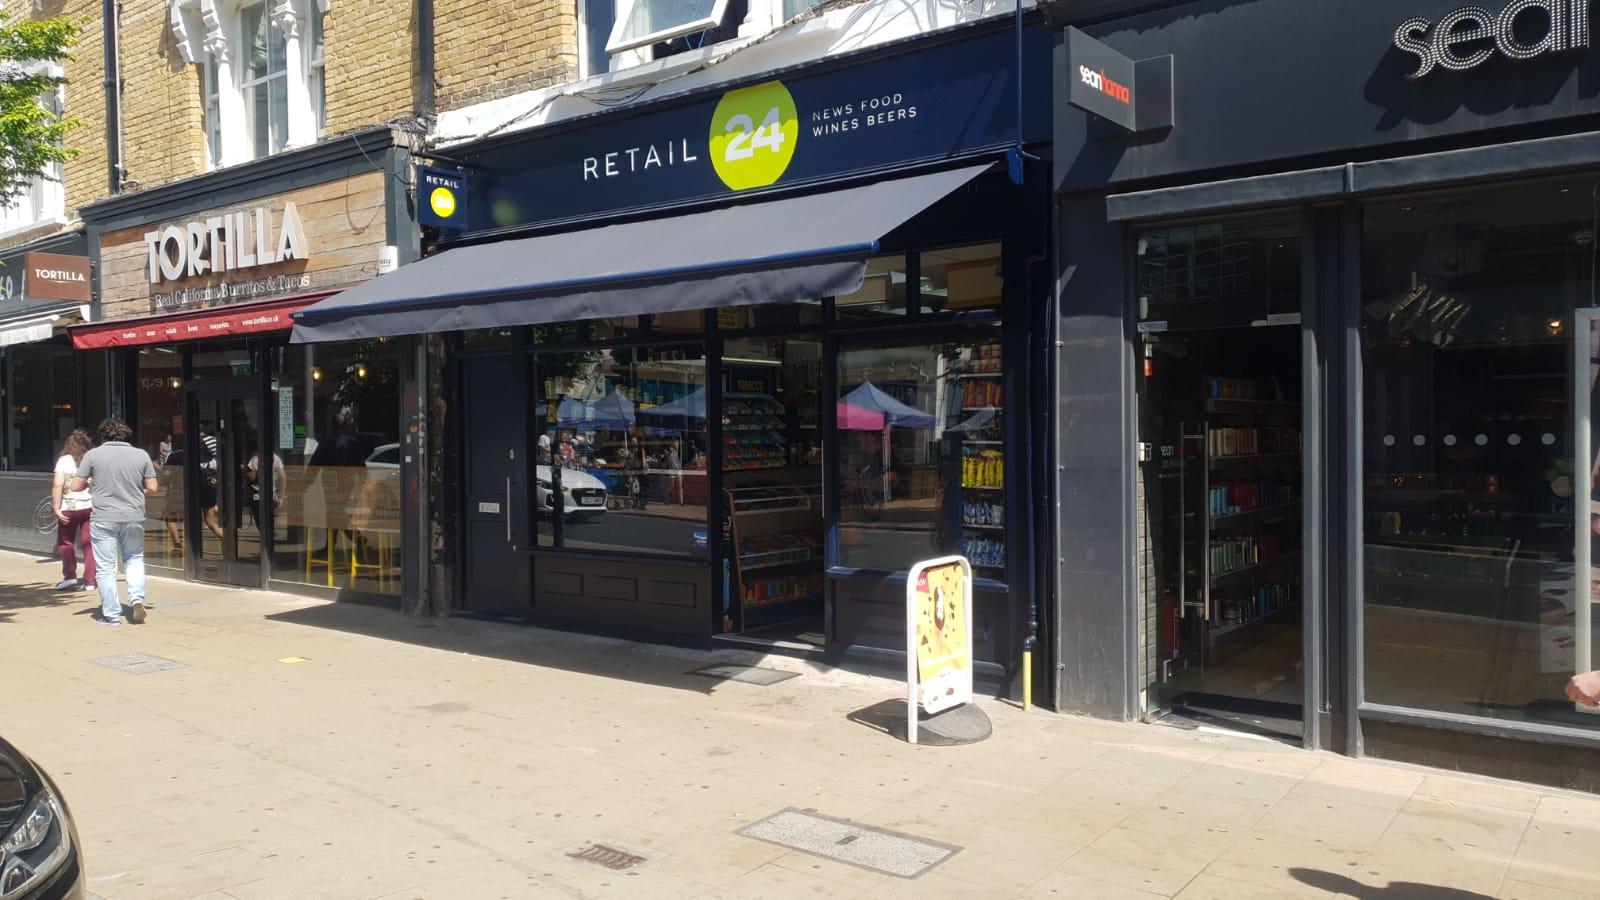 Retail 24 | Wimbledon | Merton